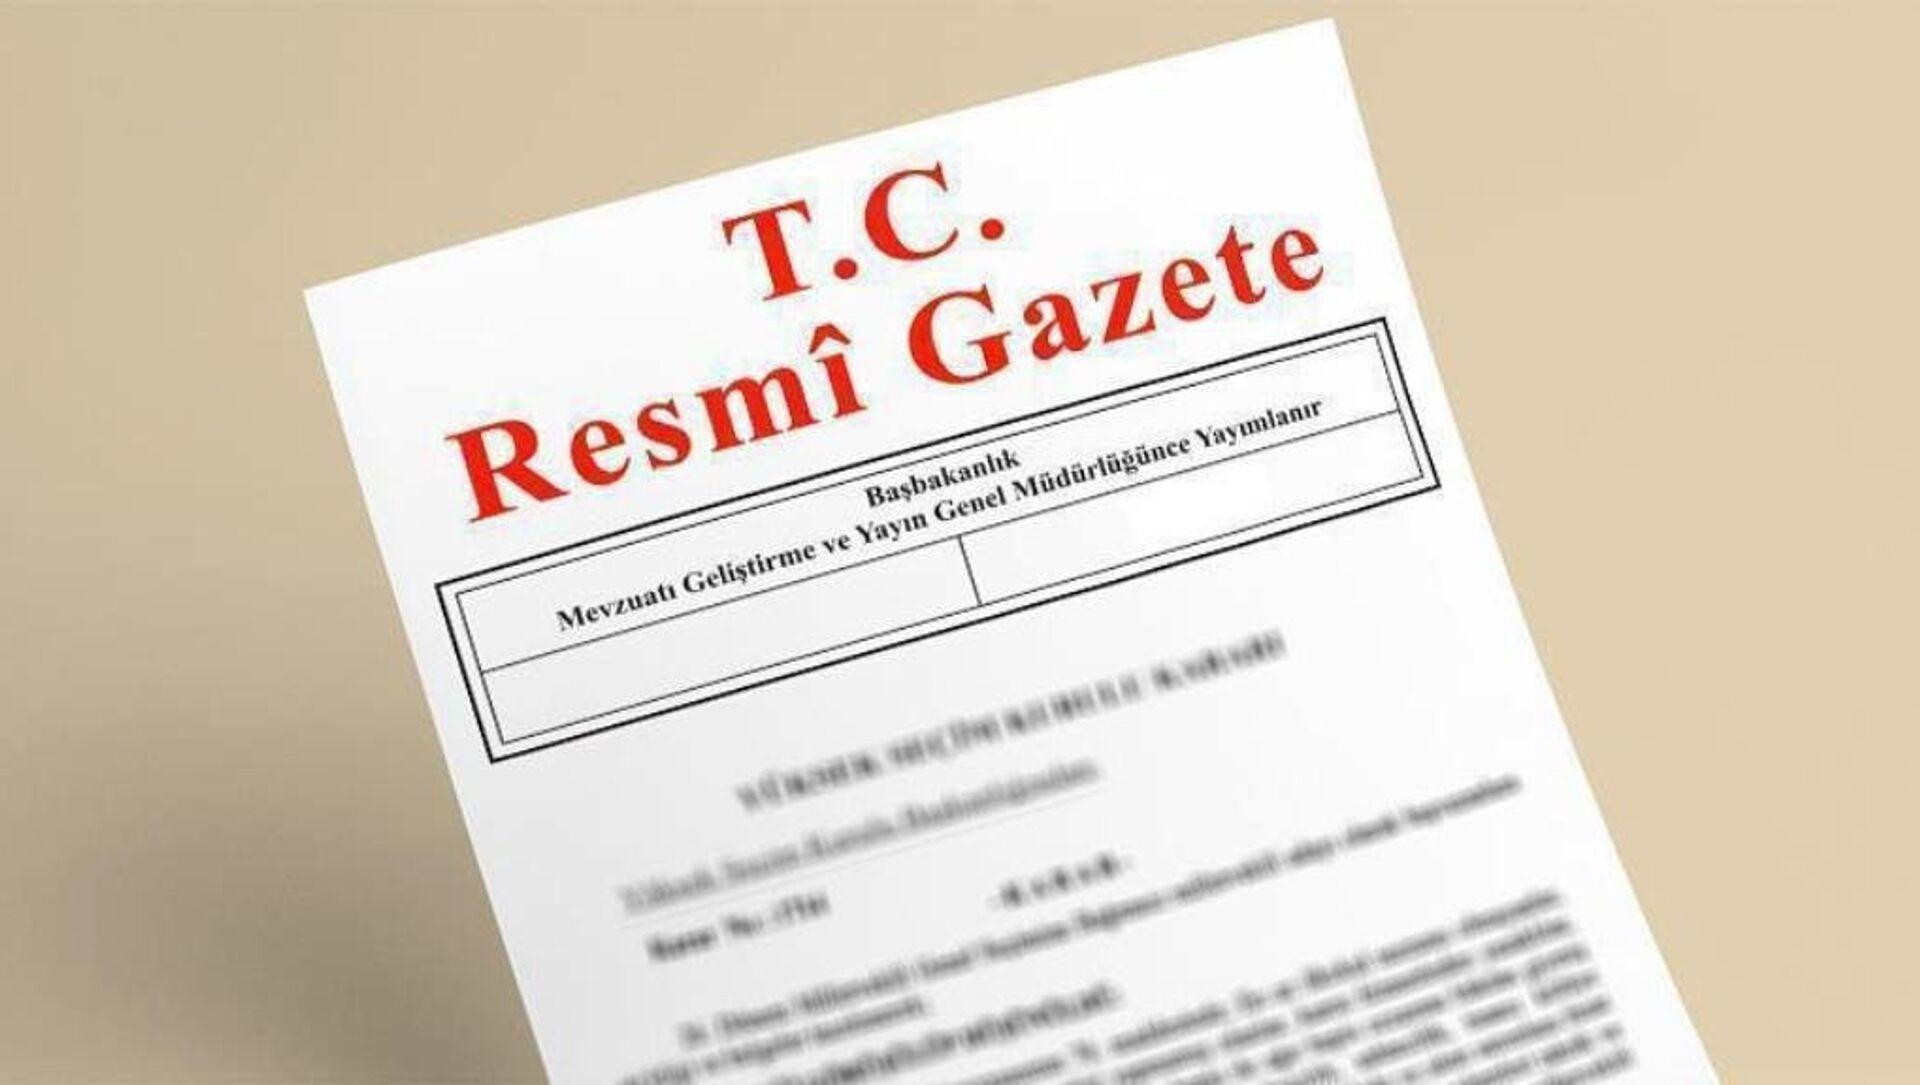 Resmi Gazete - Sputnik Türkiye, 1920, 25.04.2021